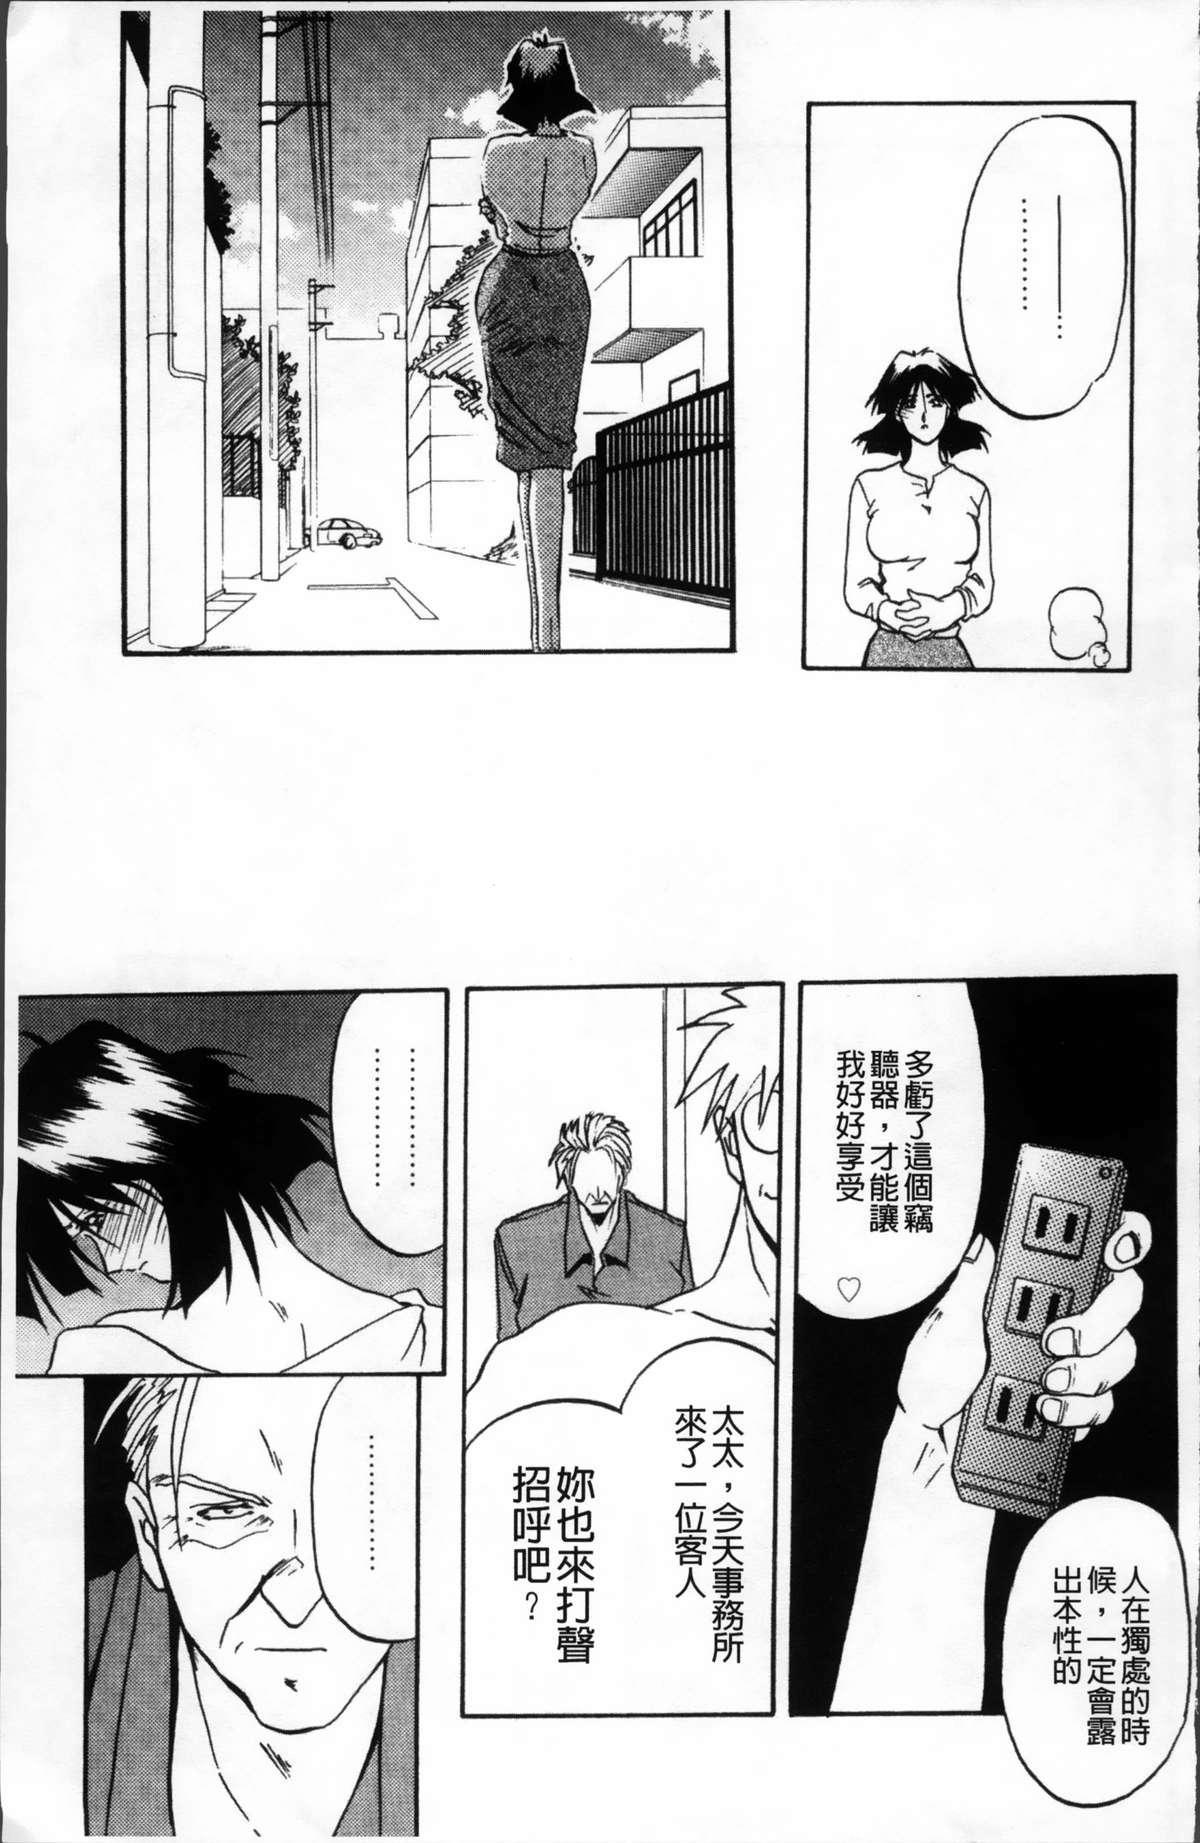 Hiiro no Koku Kanzenban   緋色之刻 完全版 130